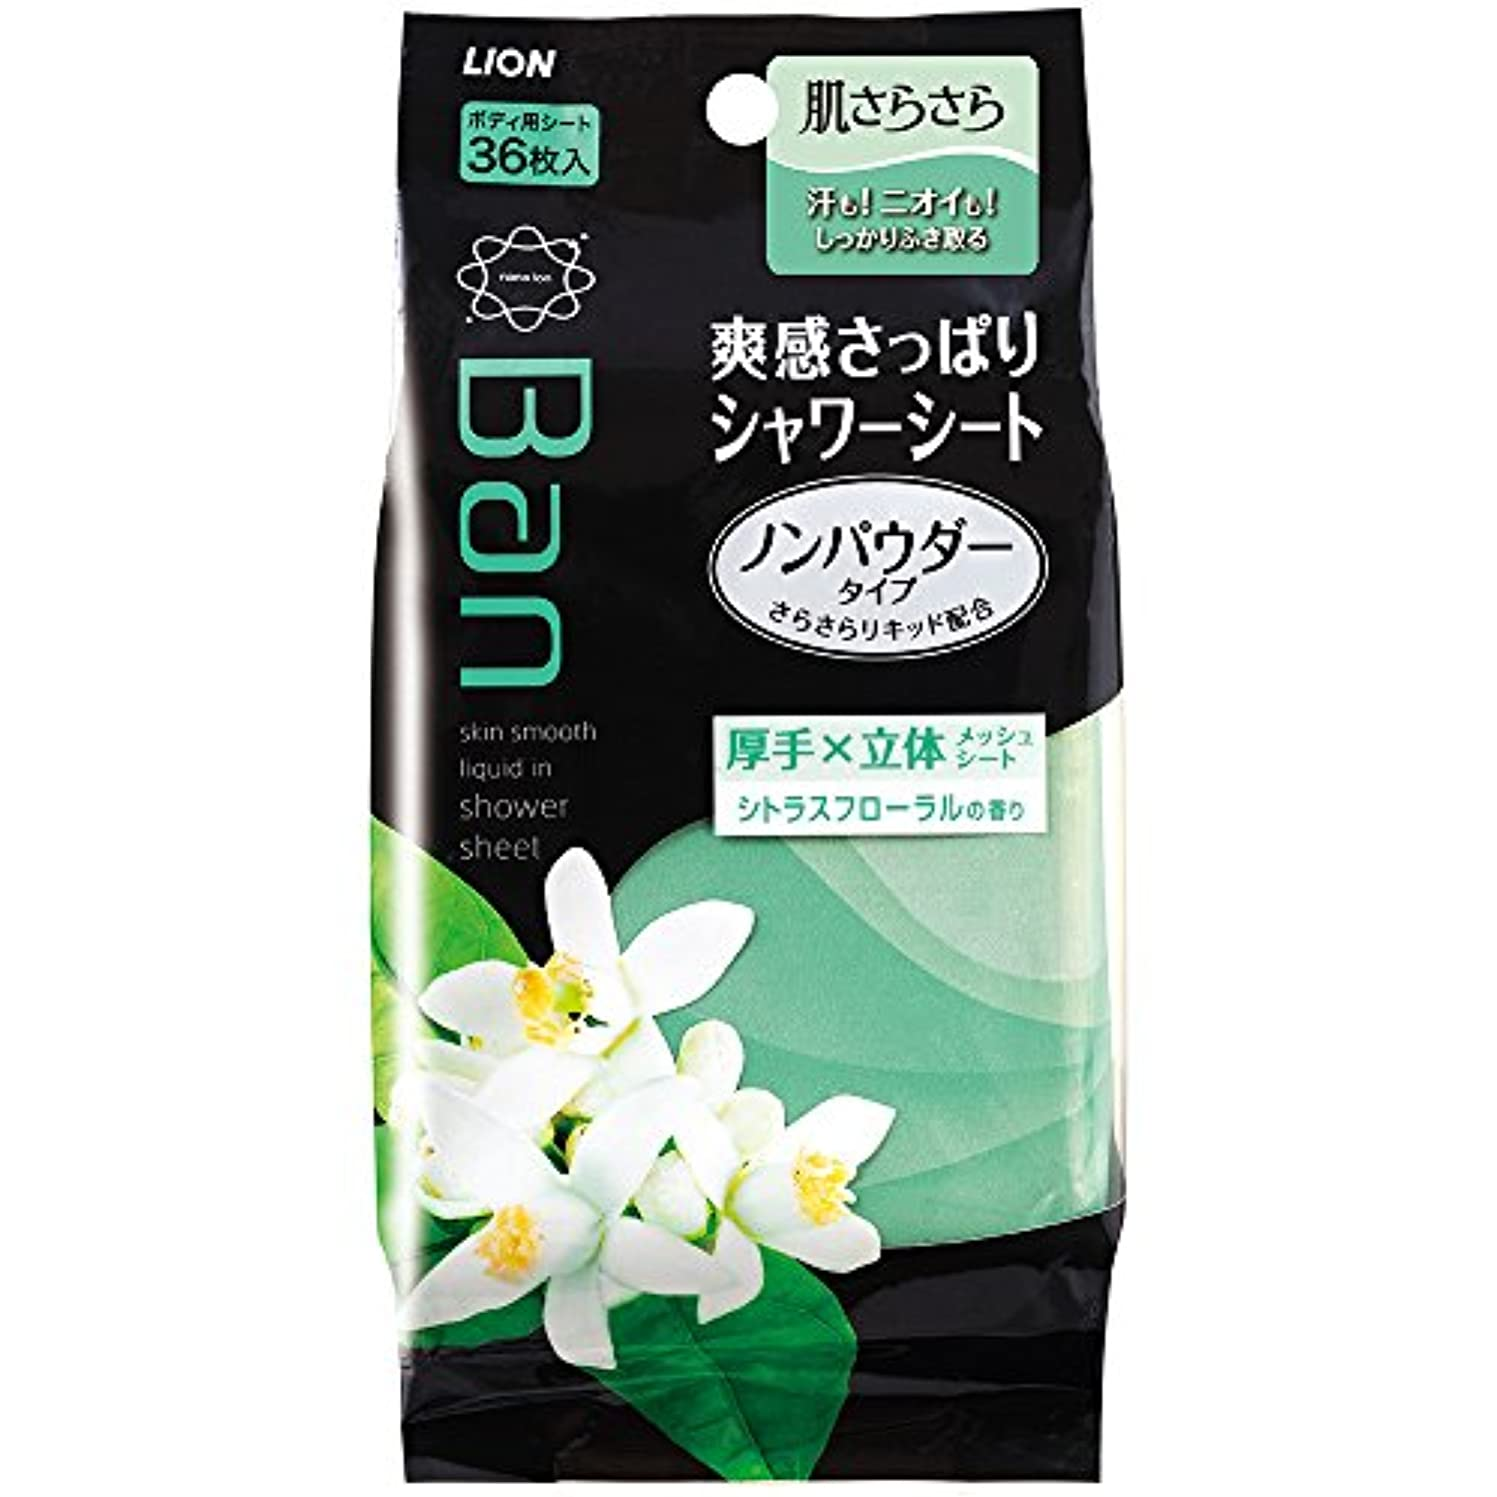 約設定重要憧れBan(バン) 爽感さっぱりシャワーシート ノンパウダータイプ シトラスフローラルの香り 36枚